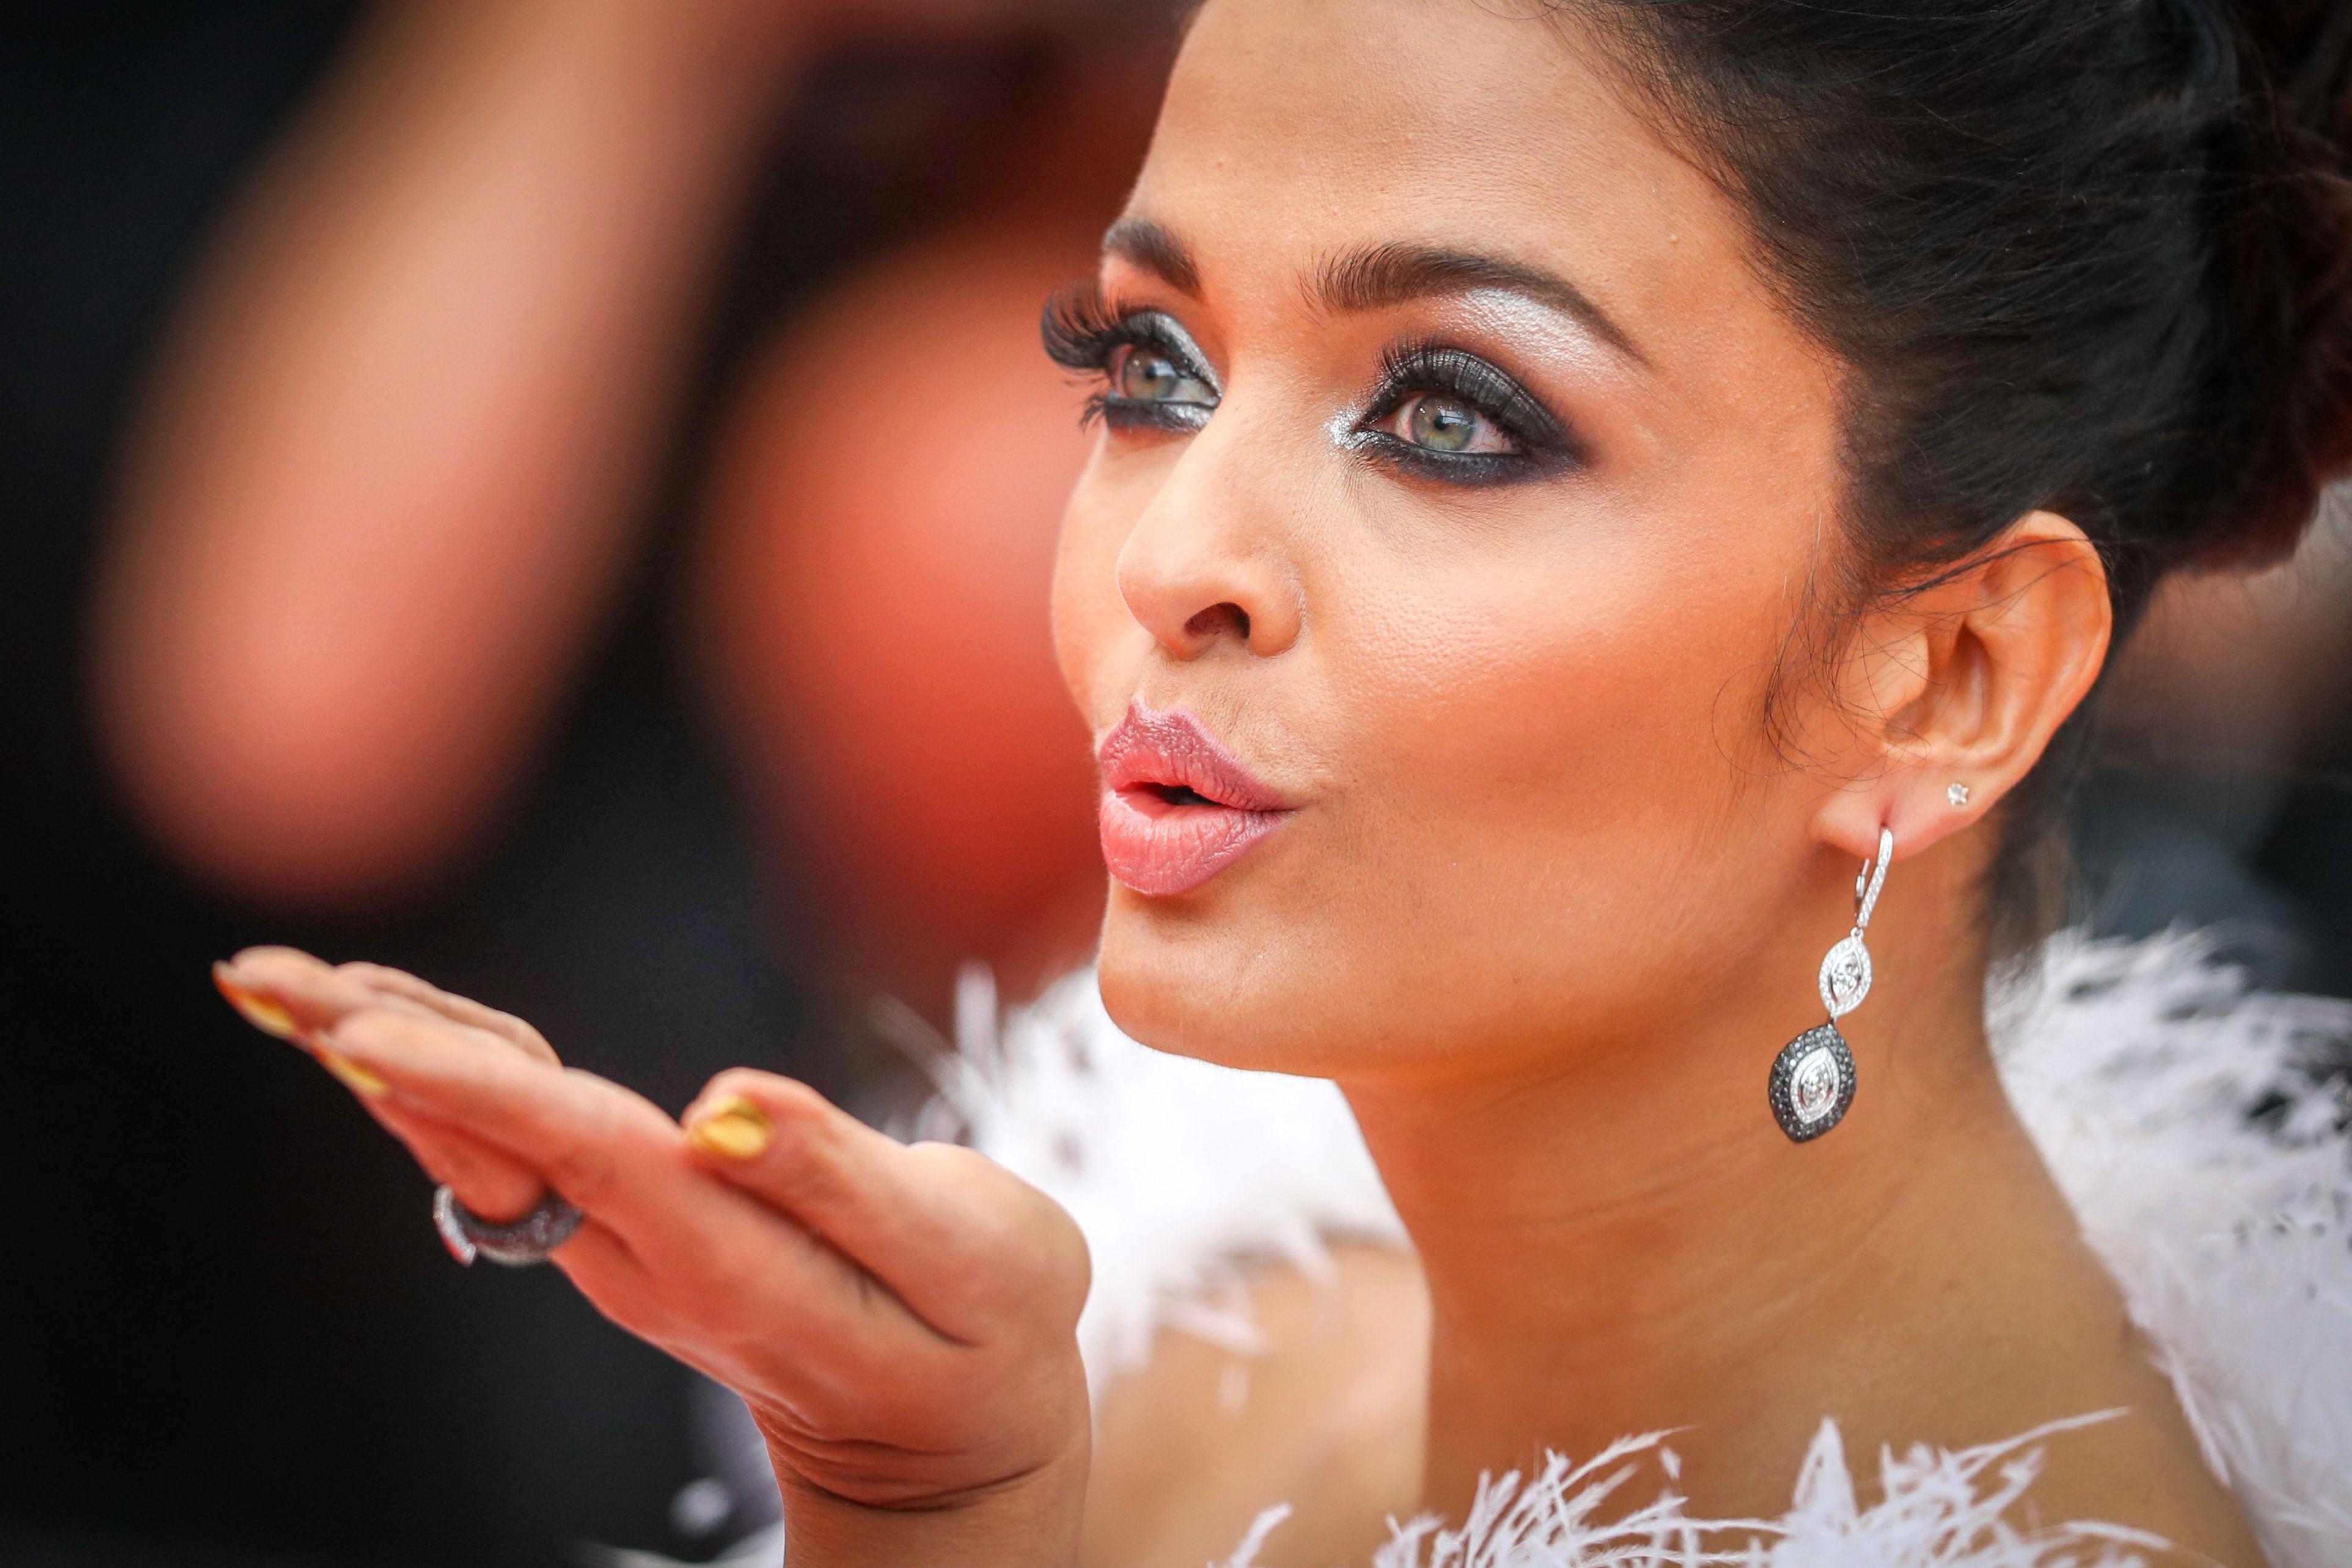 Actriţa indiană Aishwarya Rai Bachchan, diagnosticată cu COVID-19, a fost spitalizată